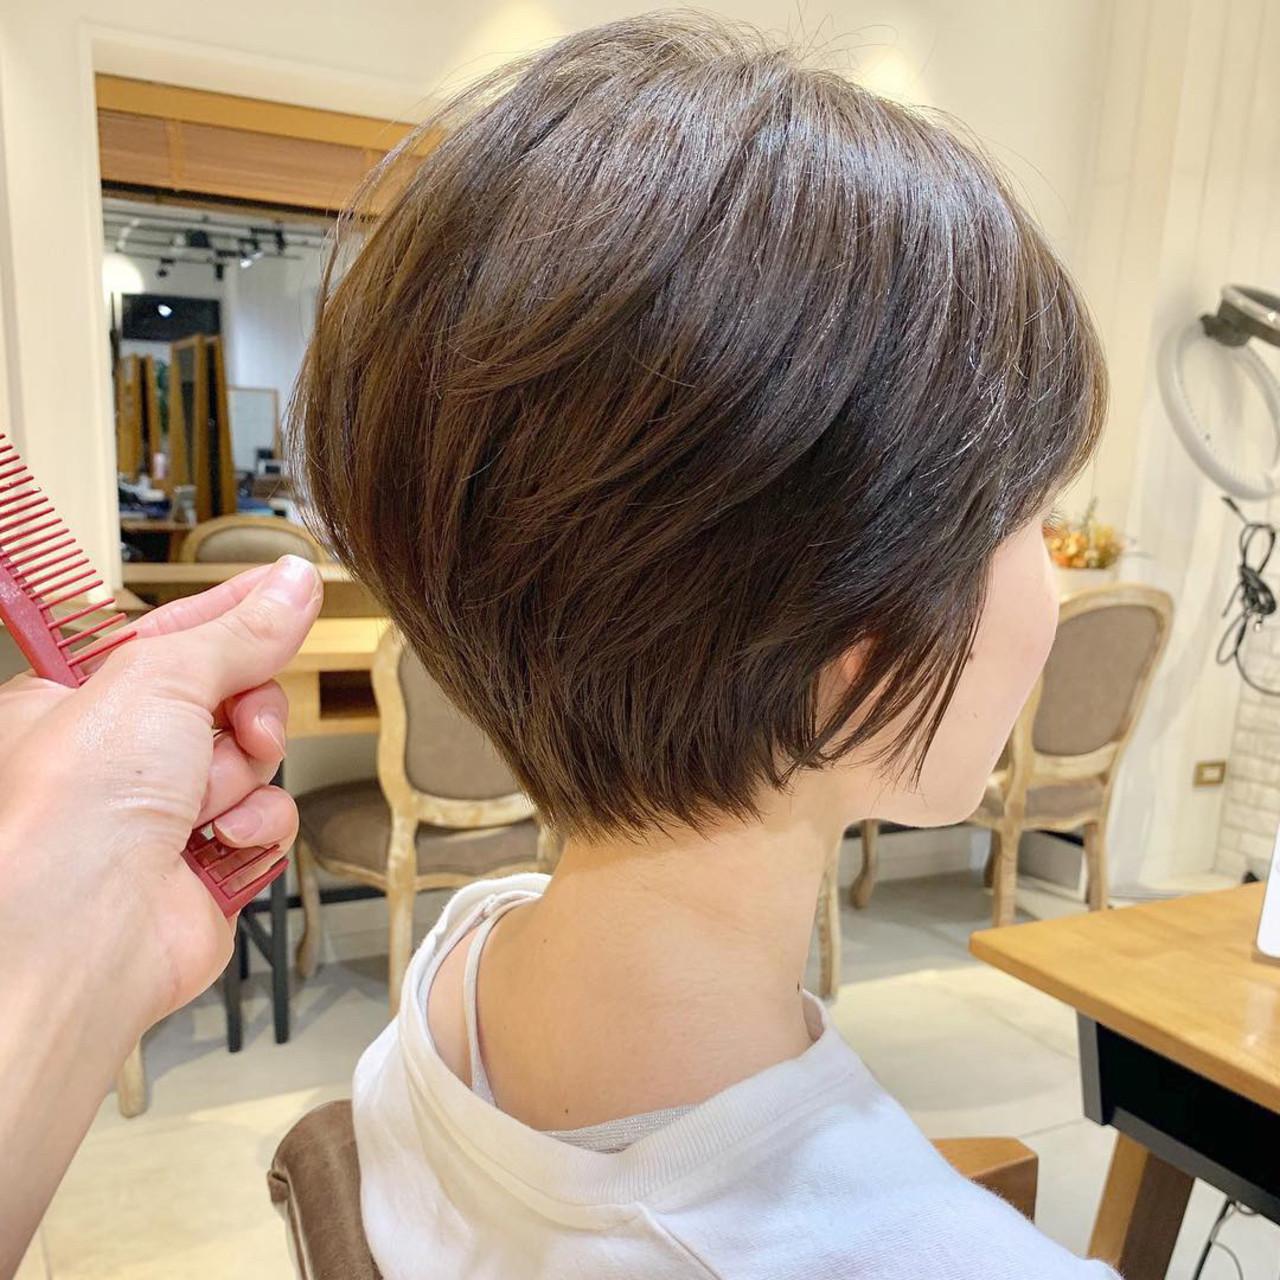 ヘアアレンジ ショート オフィス デート ヘアスタイルや髪型の写真・画像 | ショートボブの匠【 山内大成 】『i.hair』 / 『 i. 』 omotesando